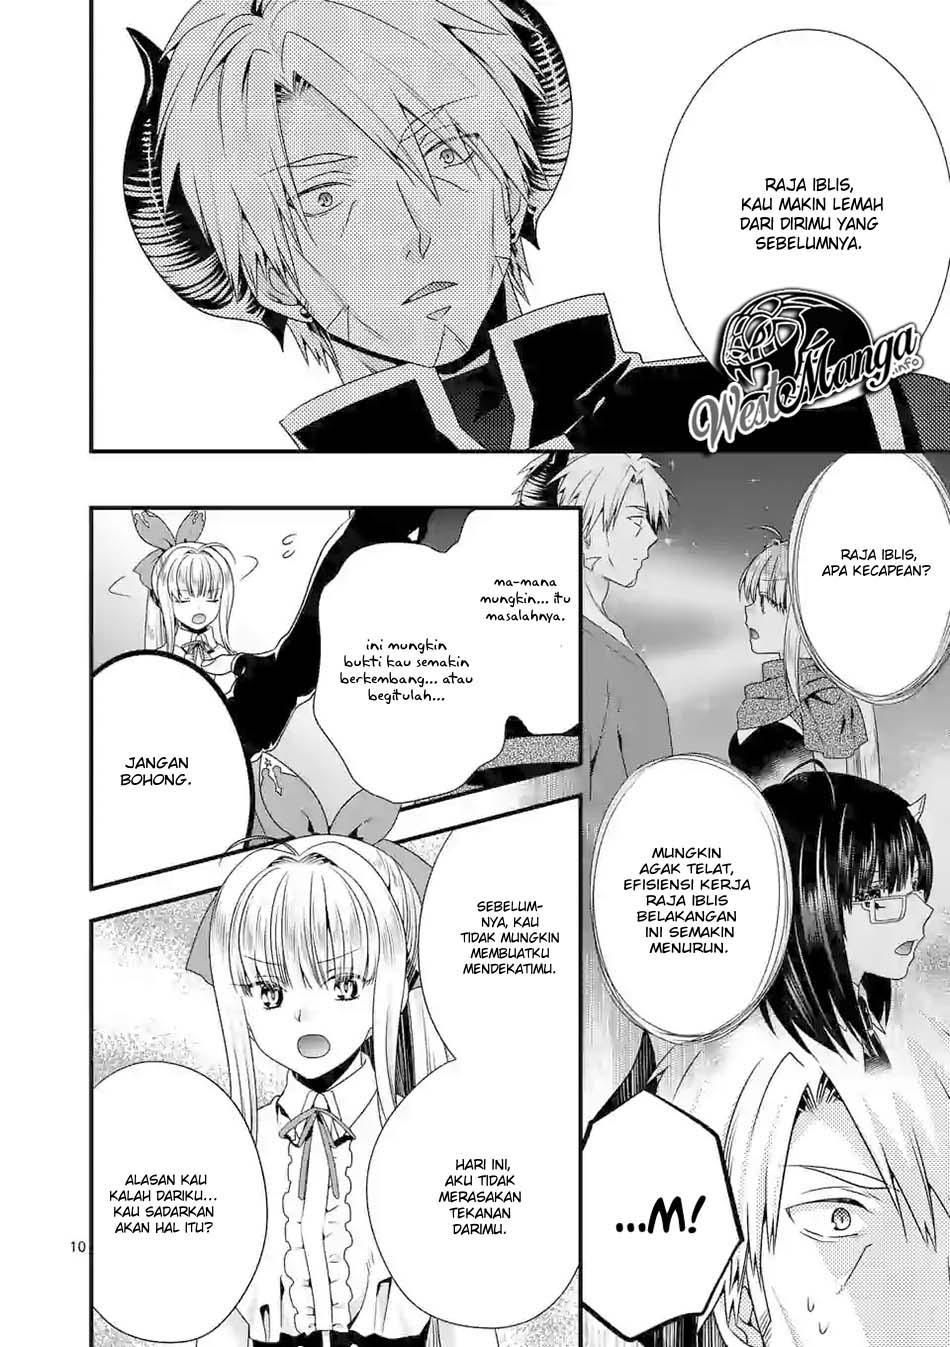 Maou desu Onna Yuusha no Hahaoya to Saikon Shita no de Onna Yuusha ga Giri no Musume ni Narimashita: Chapter 30 - Page 11